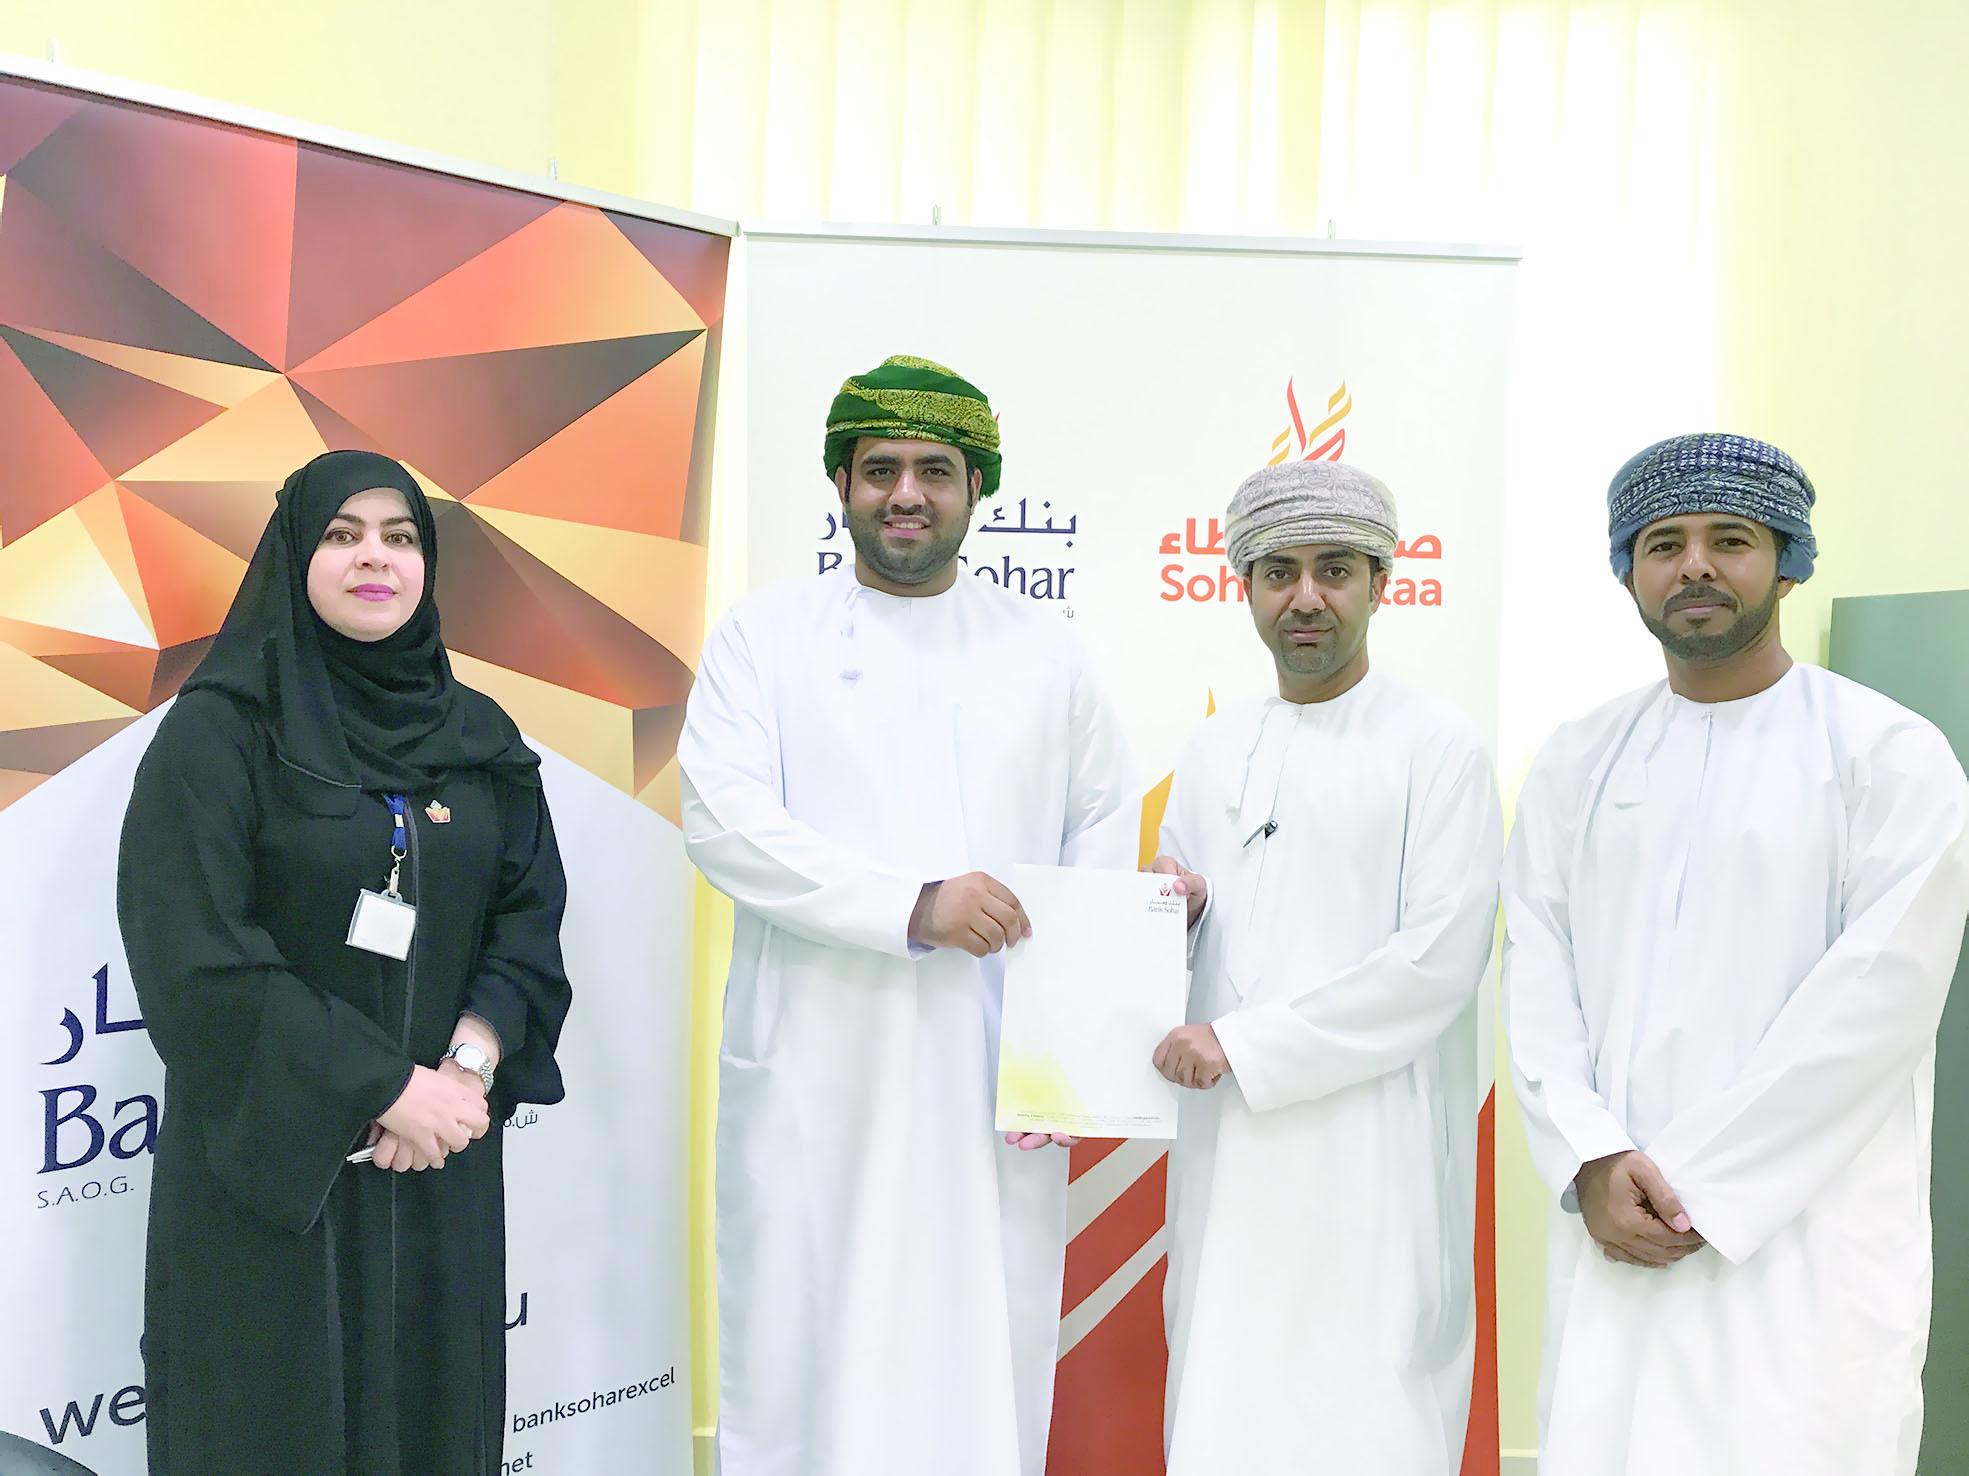 بنك صحار يدعم جمعية النور للمكفوفين